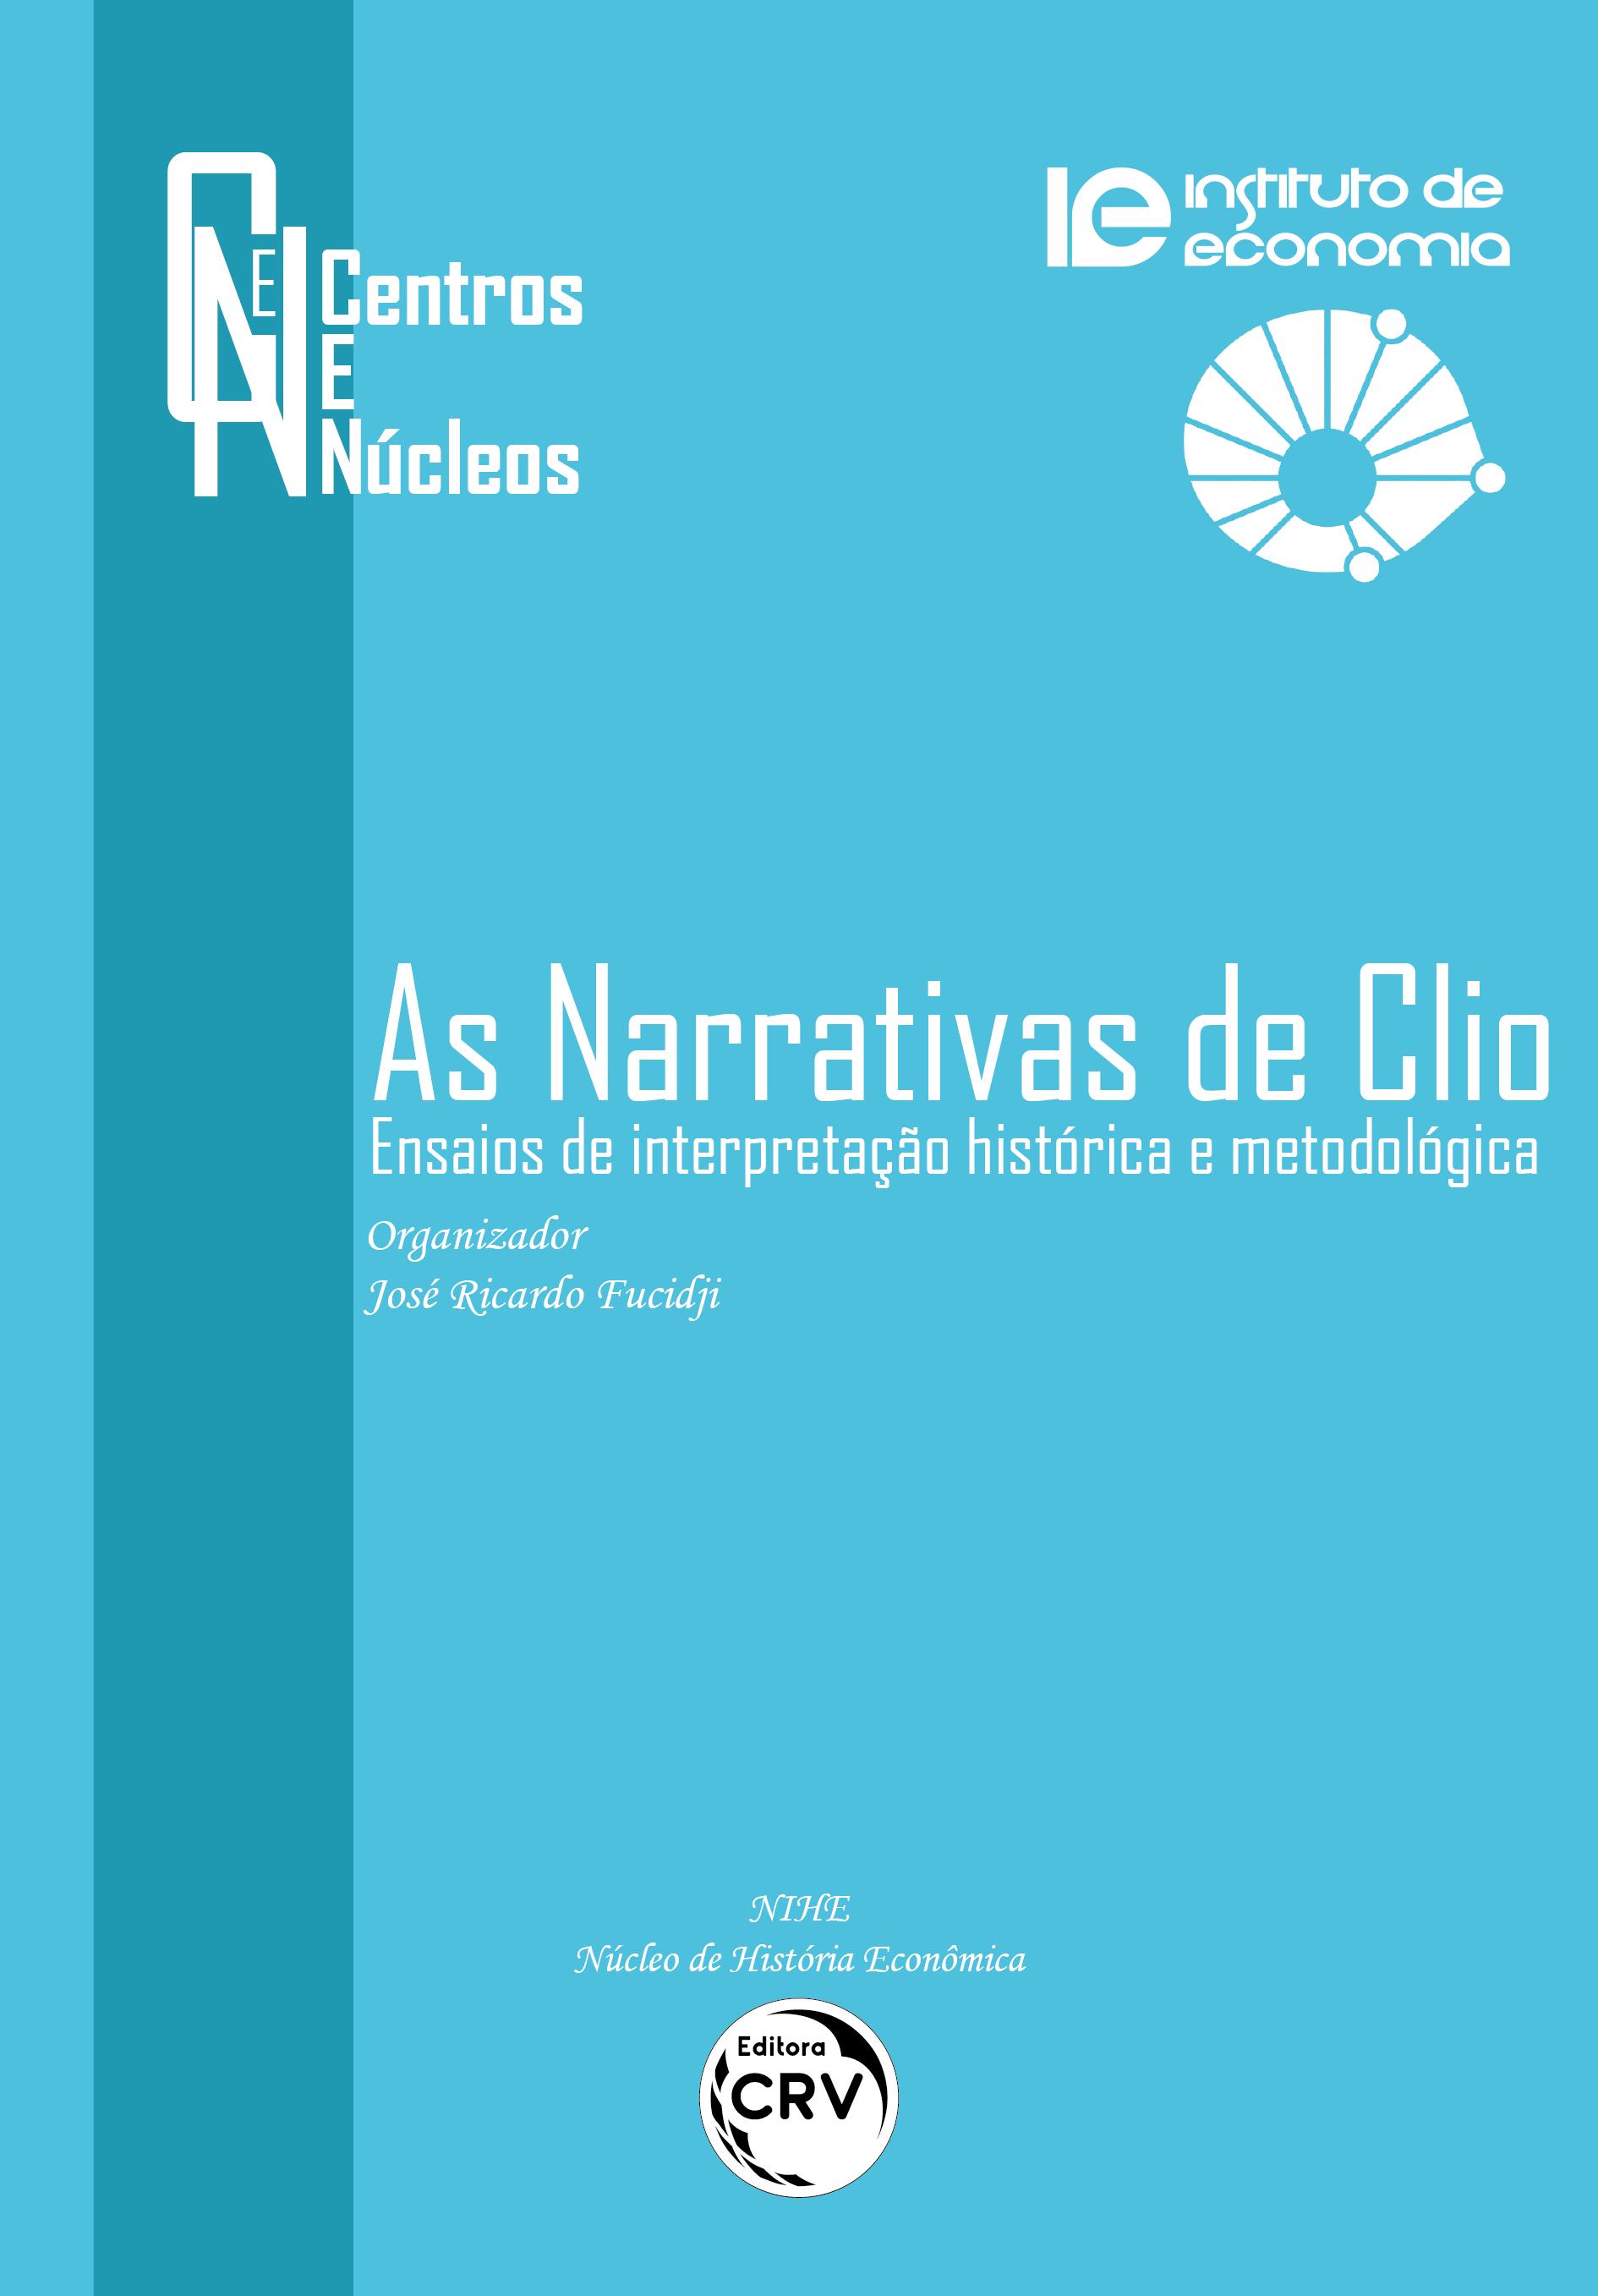 Capa do livro: AS NARRATIVAS DE CLIO:<BR> ensaios de interpretação histórica e metodológica<br><br> Coleção Centros e Núcleos